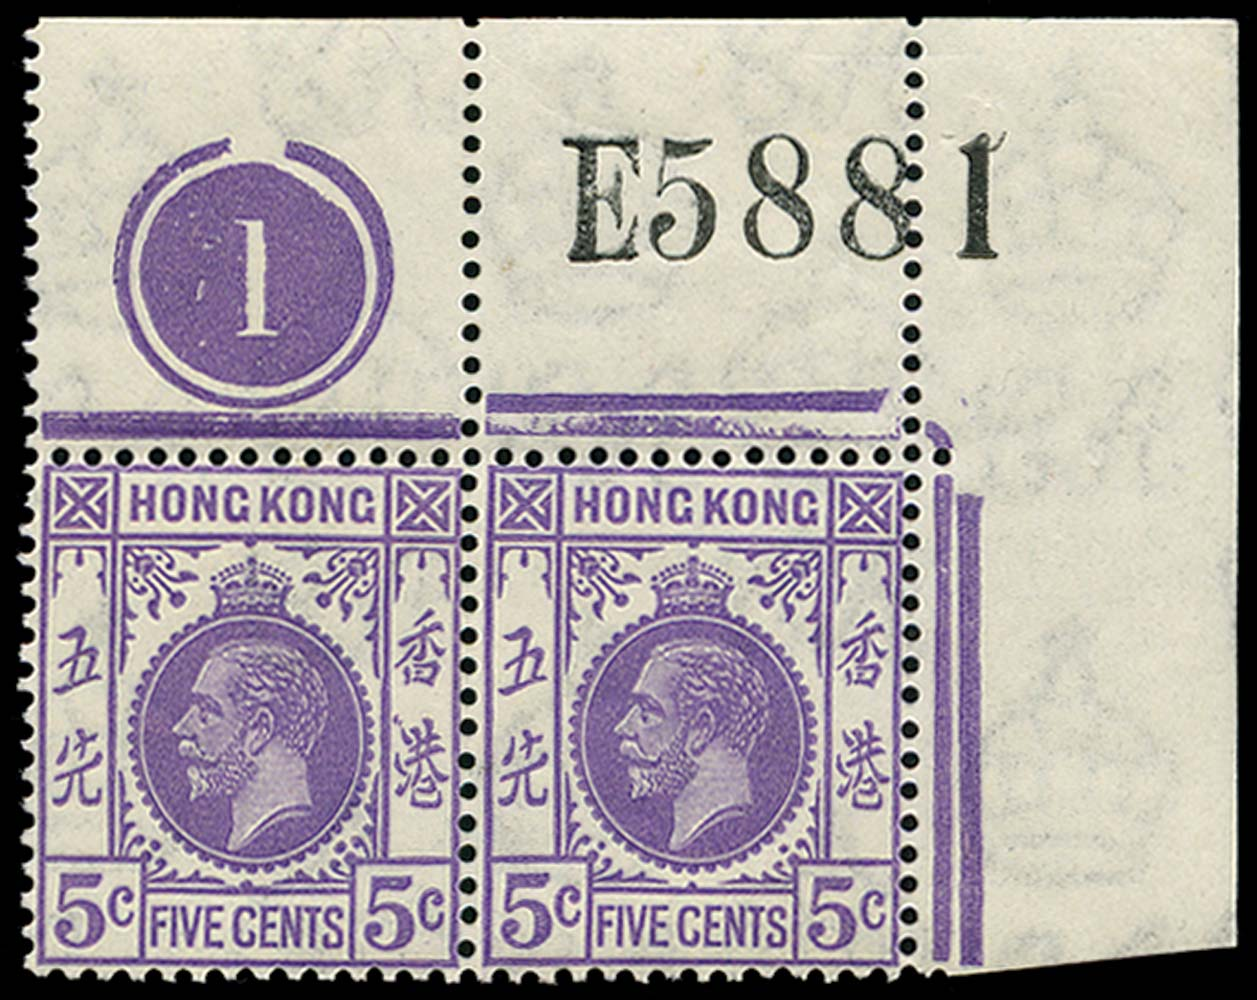 HONG KONG 1921  SG121 Mint requisition number E5881